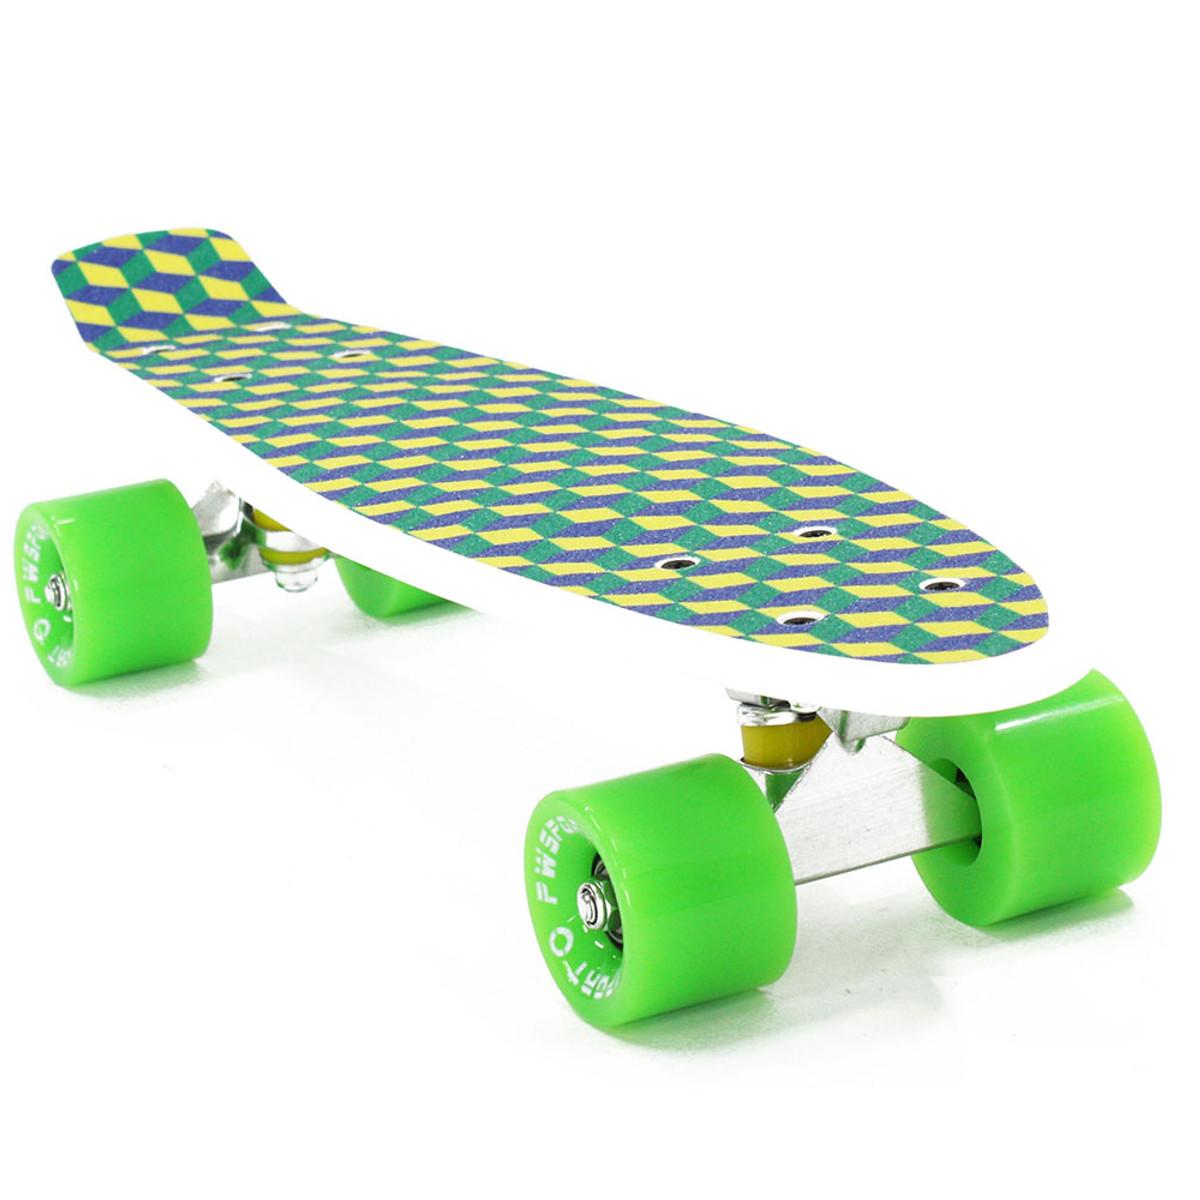 fa2fc54f06cfa0 Купить скейтборды и лонгборды в интернет-магазине игрушек «Маркет Той»